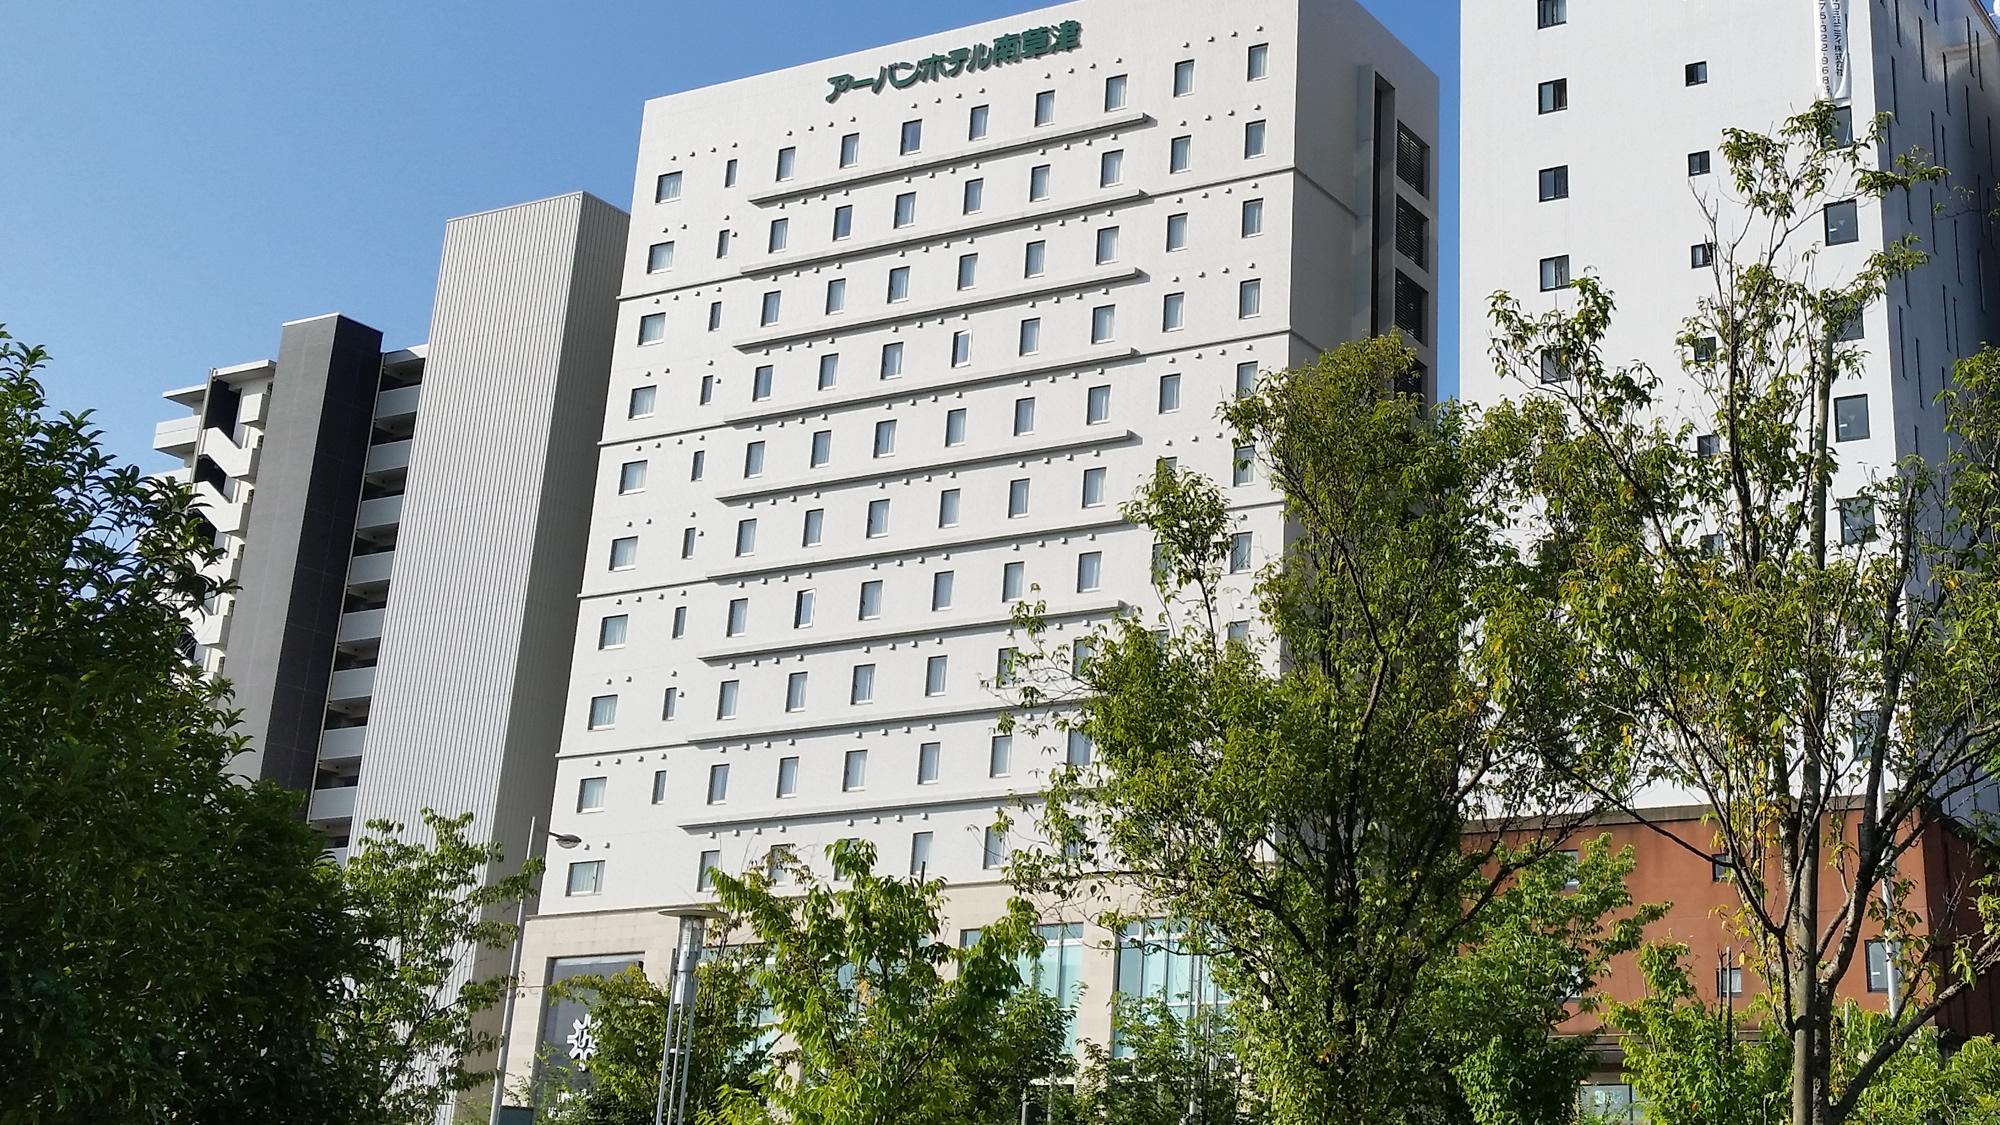 アーバンホテル南草津 image